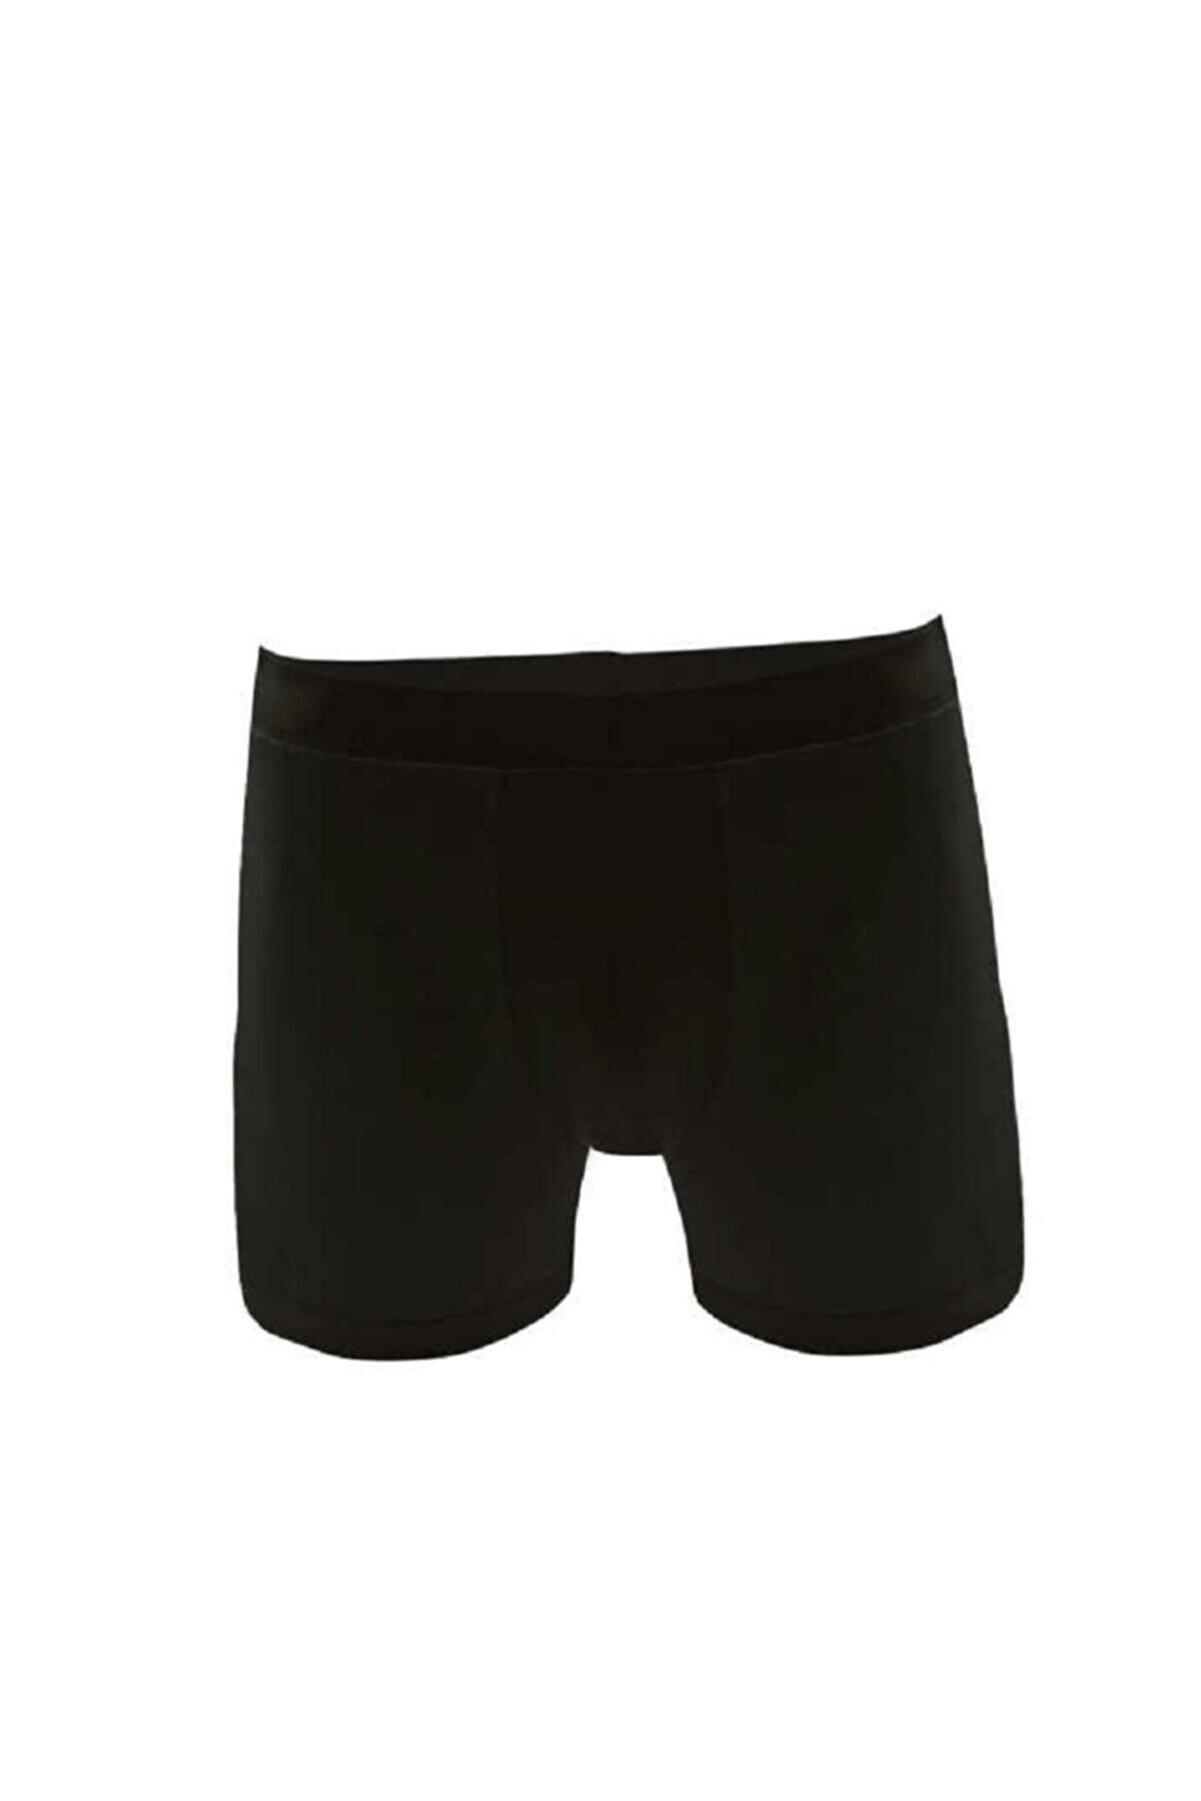 Tutku Elit Erkek 6'lı Modal - Pamuk (Esnek) Slim Fit Boxer (Siyah)